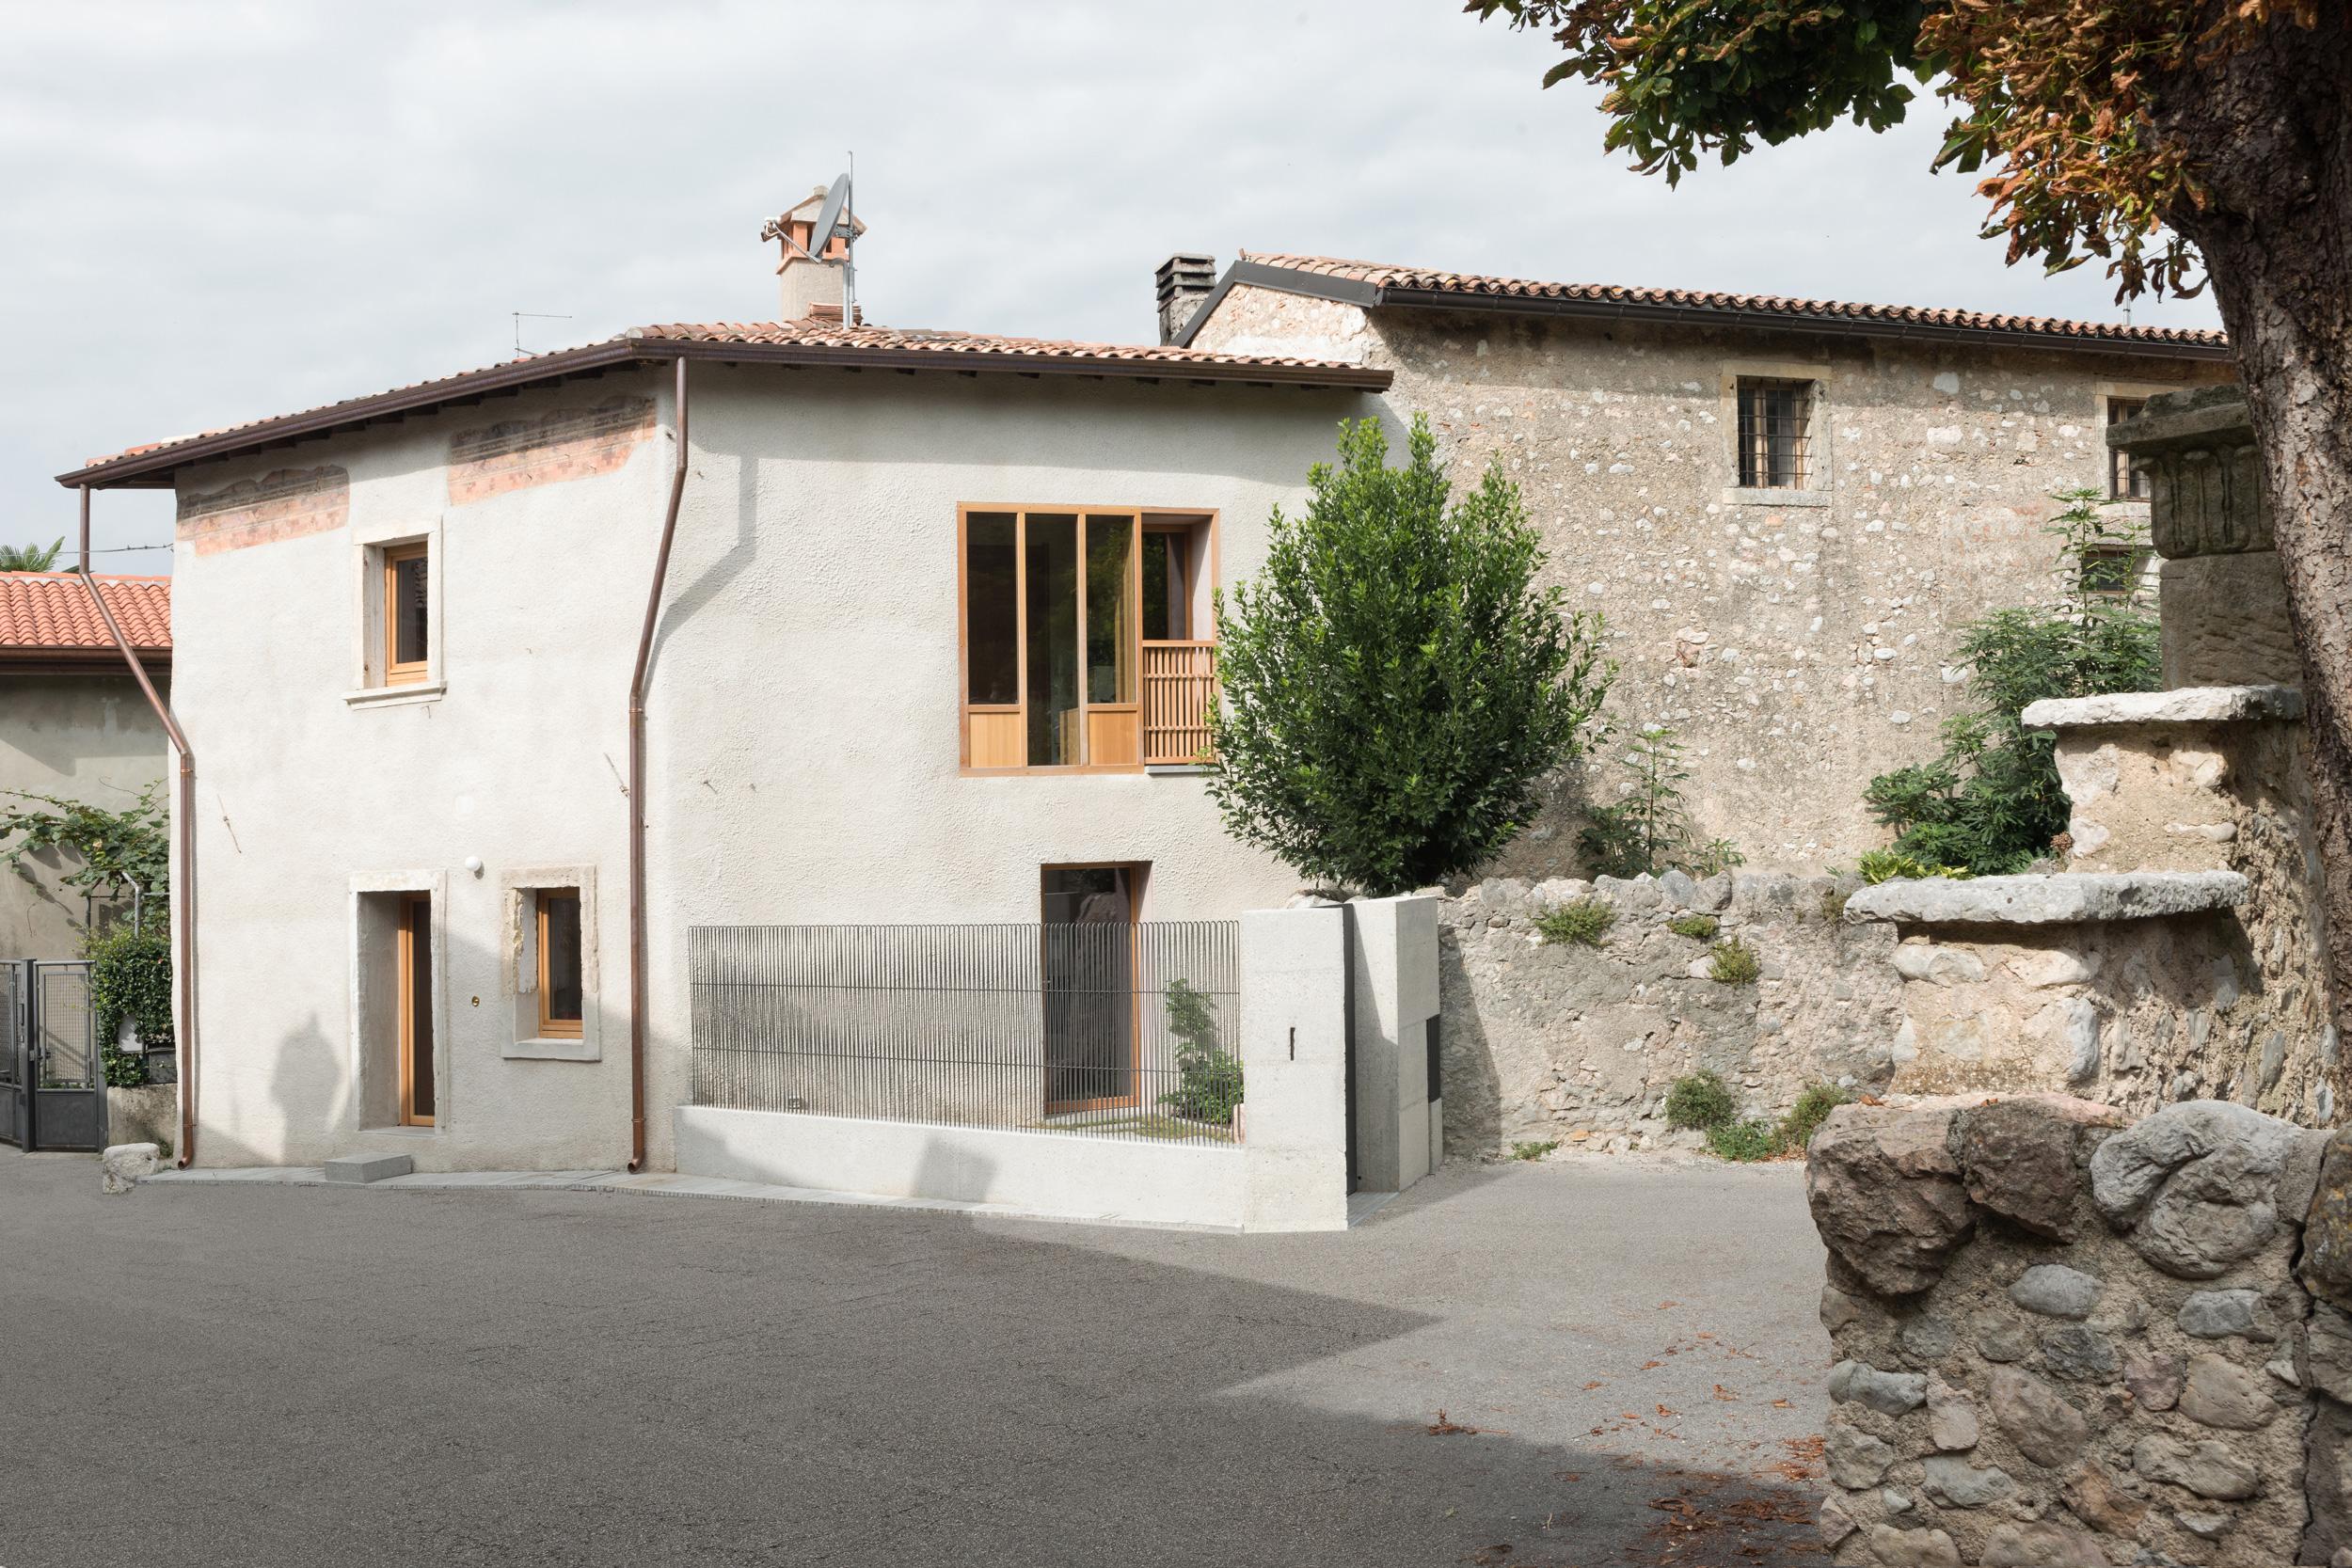 Castello house